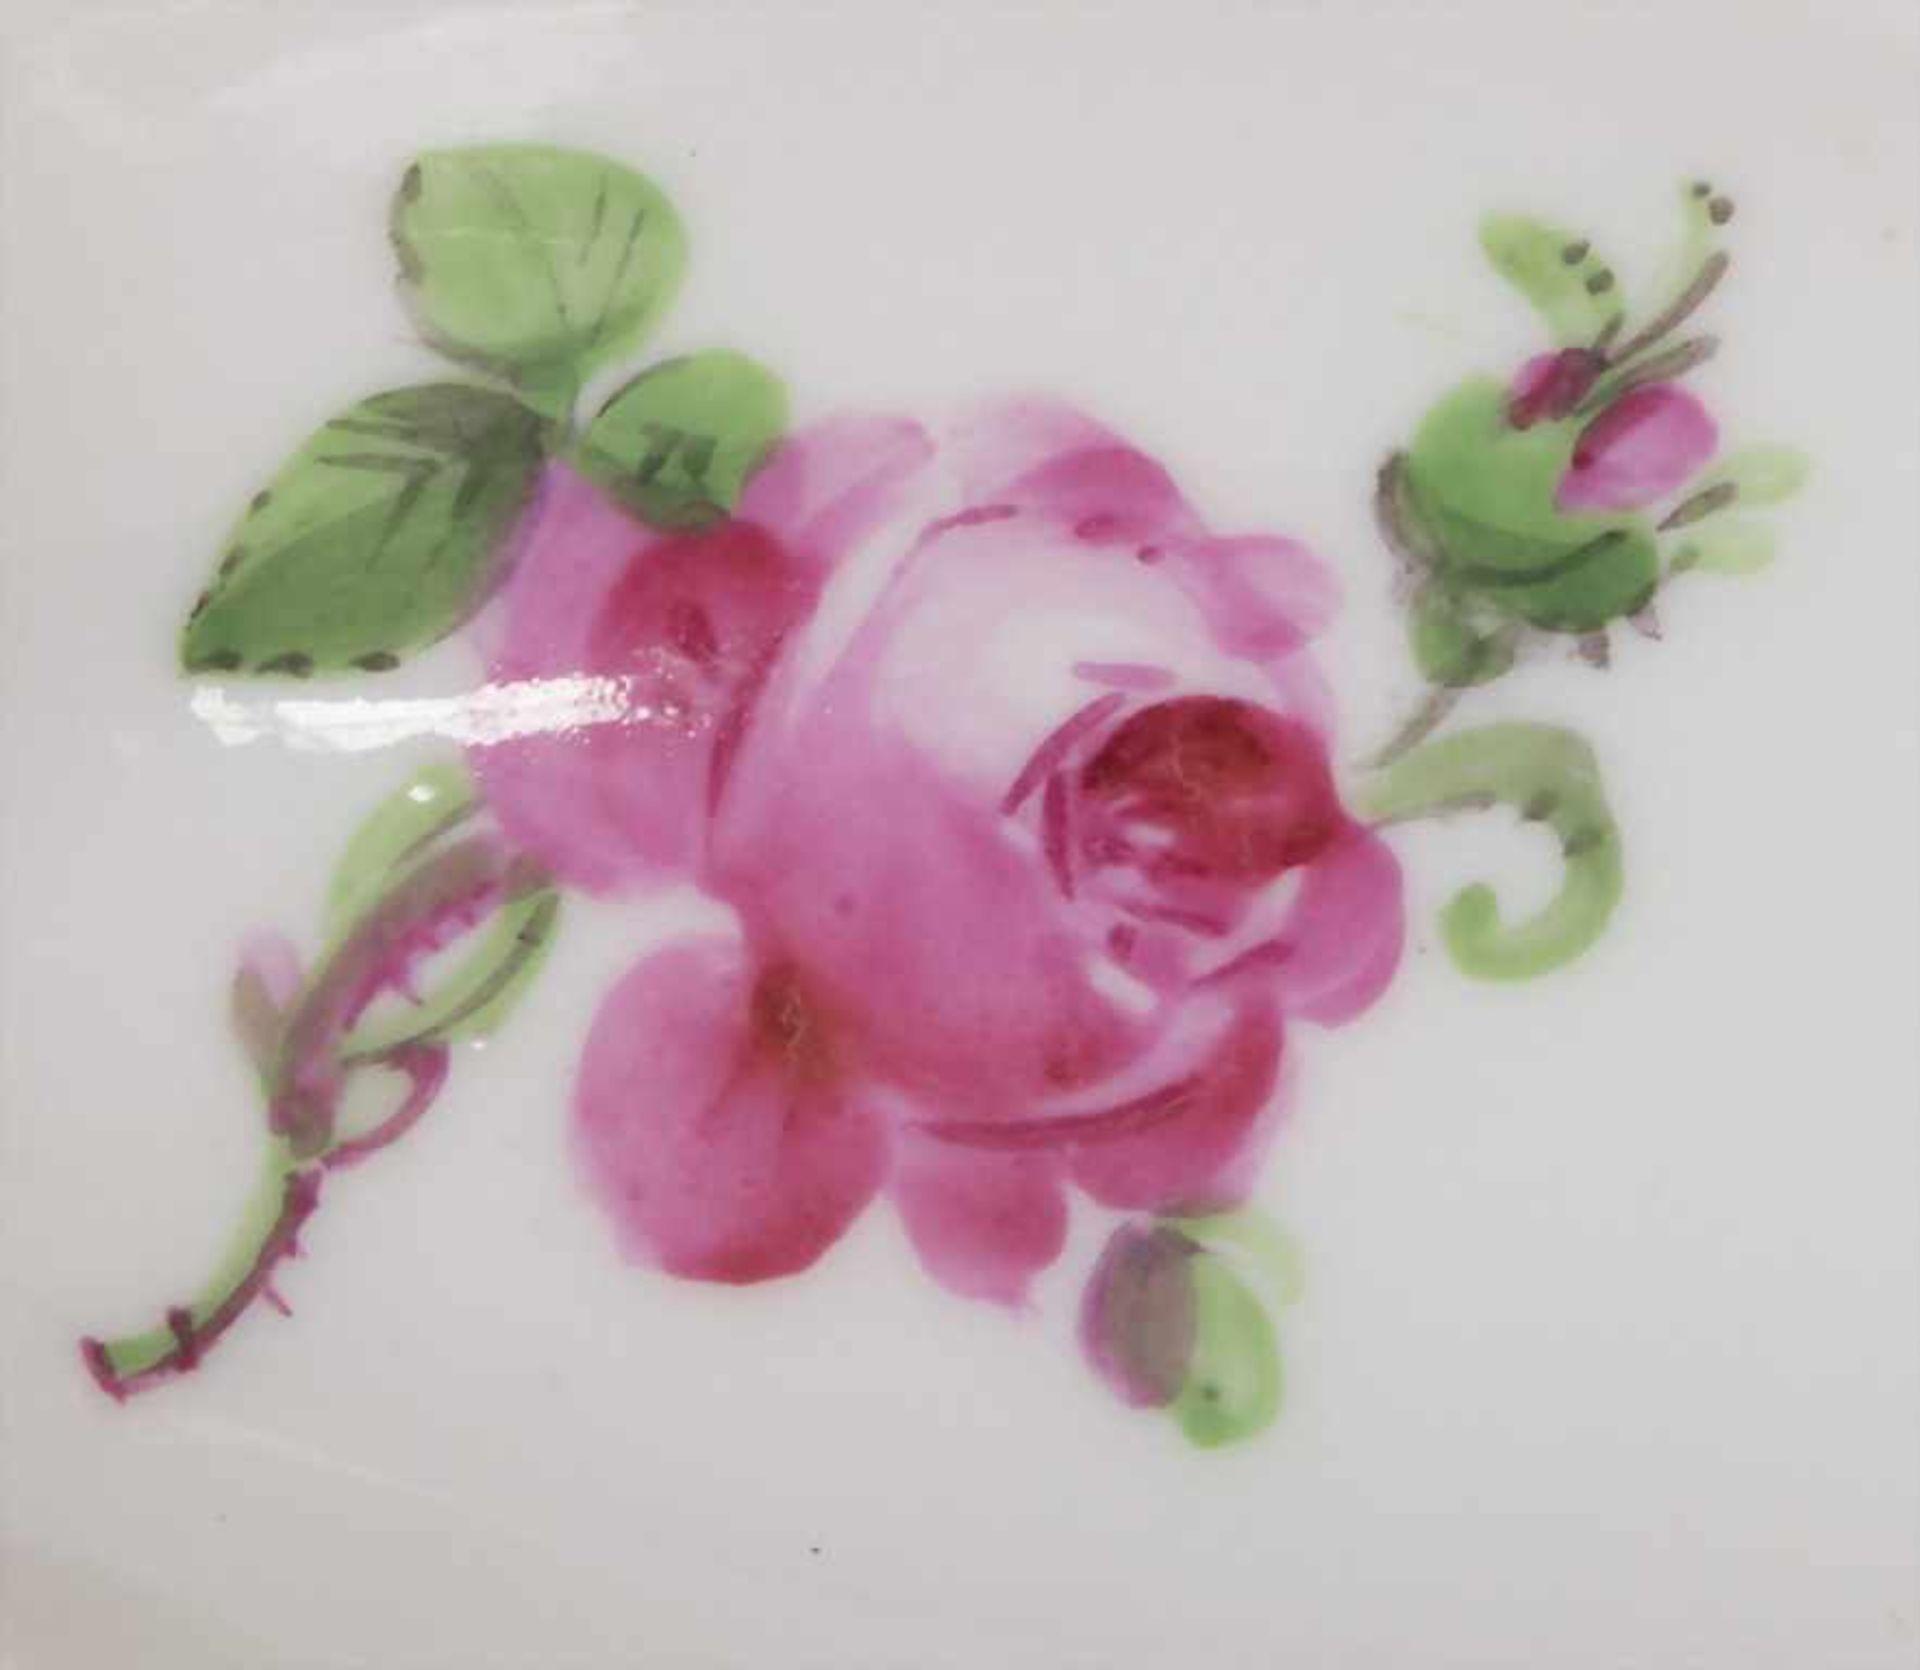 Seltener Löffel 'Rote Rose' / A rare spoon with rose pattern, Meissen, Mitte 19. Jh. - Bild 4 aus 5